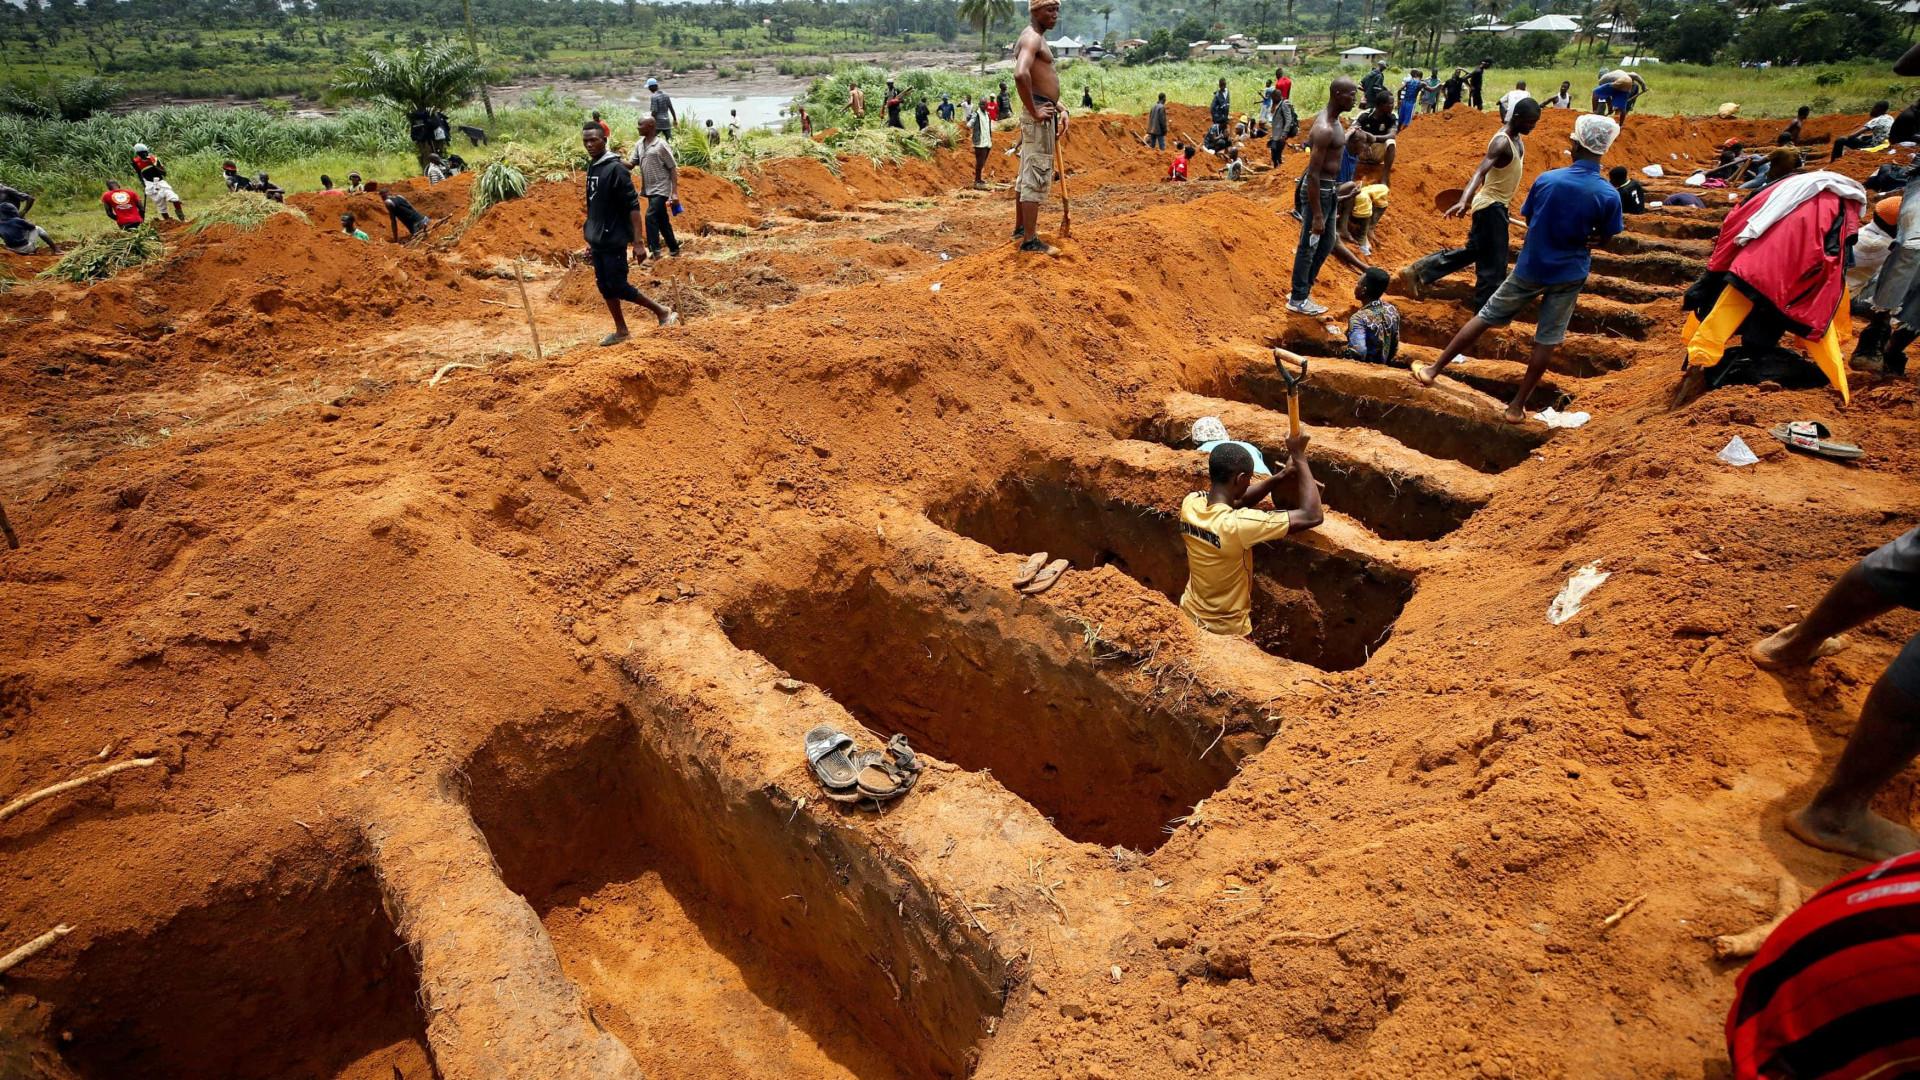 Jovens são forçados a cavar a própria cova antes de execução no RS